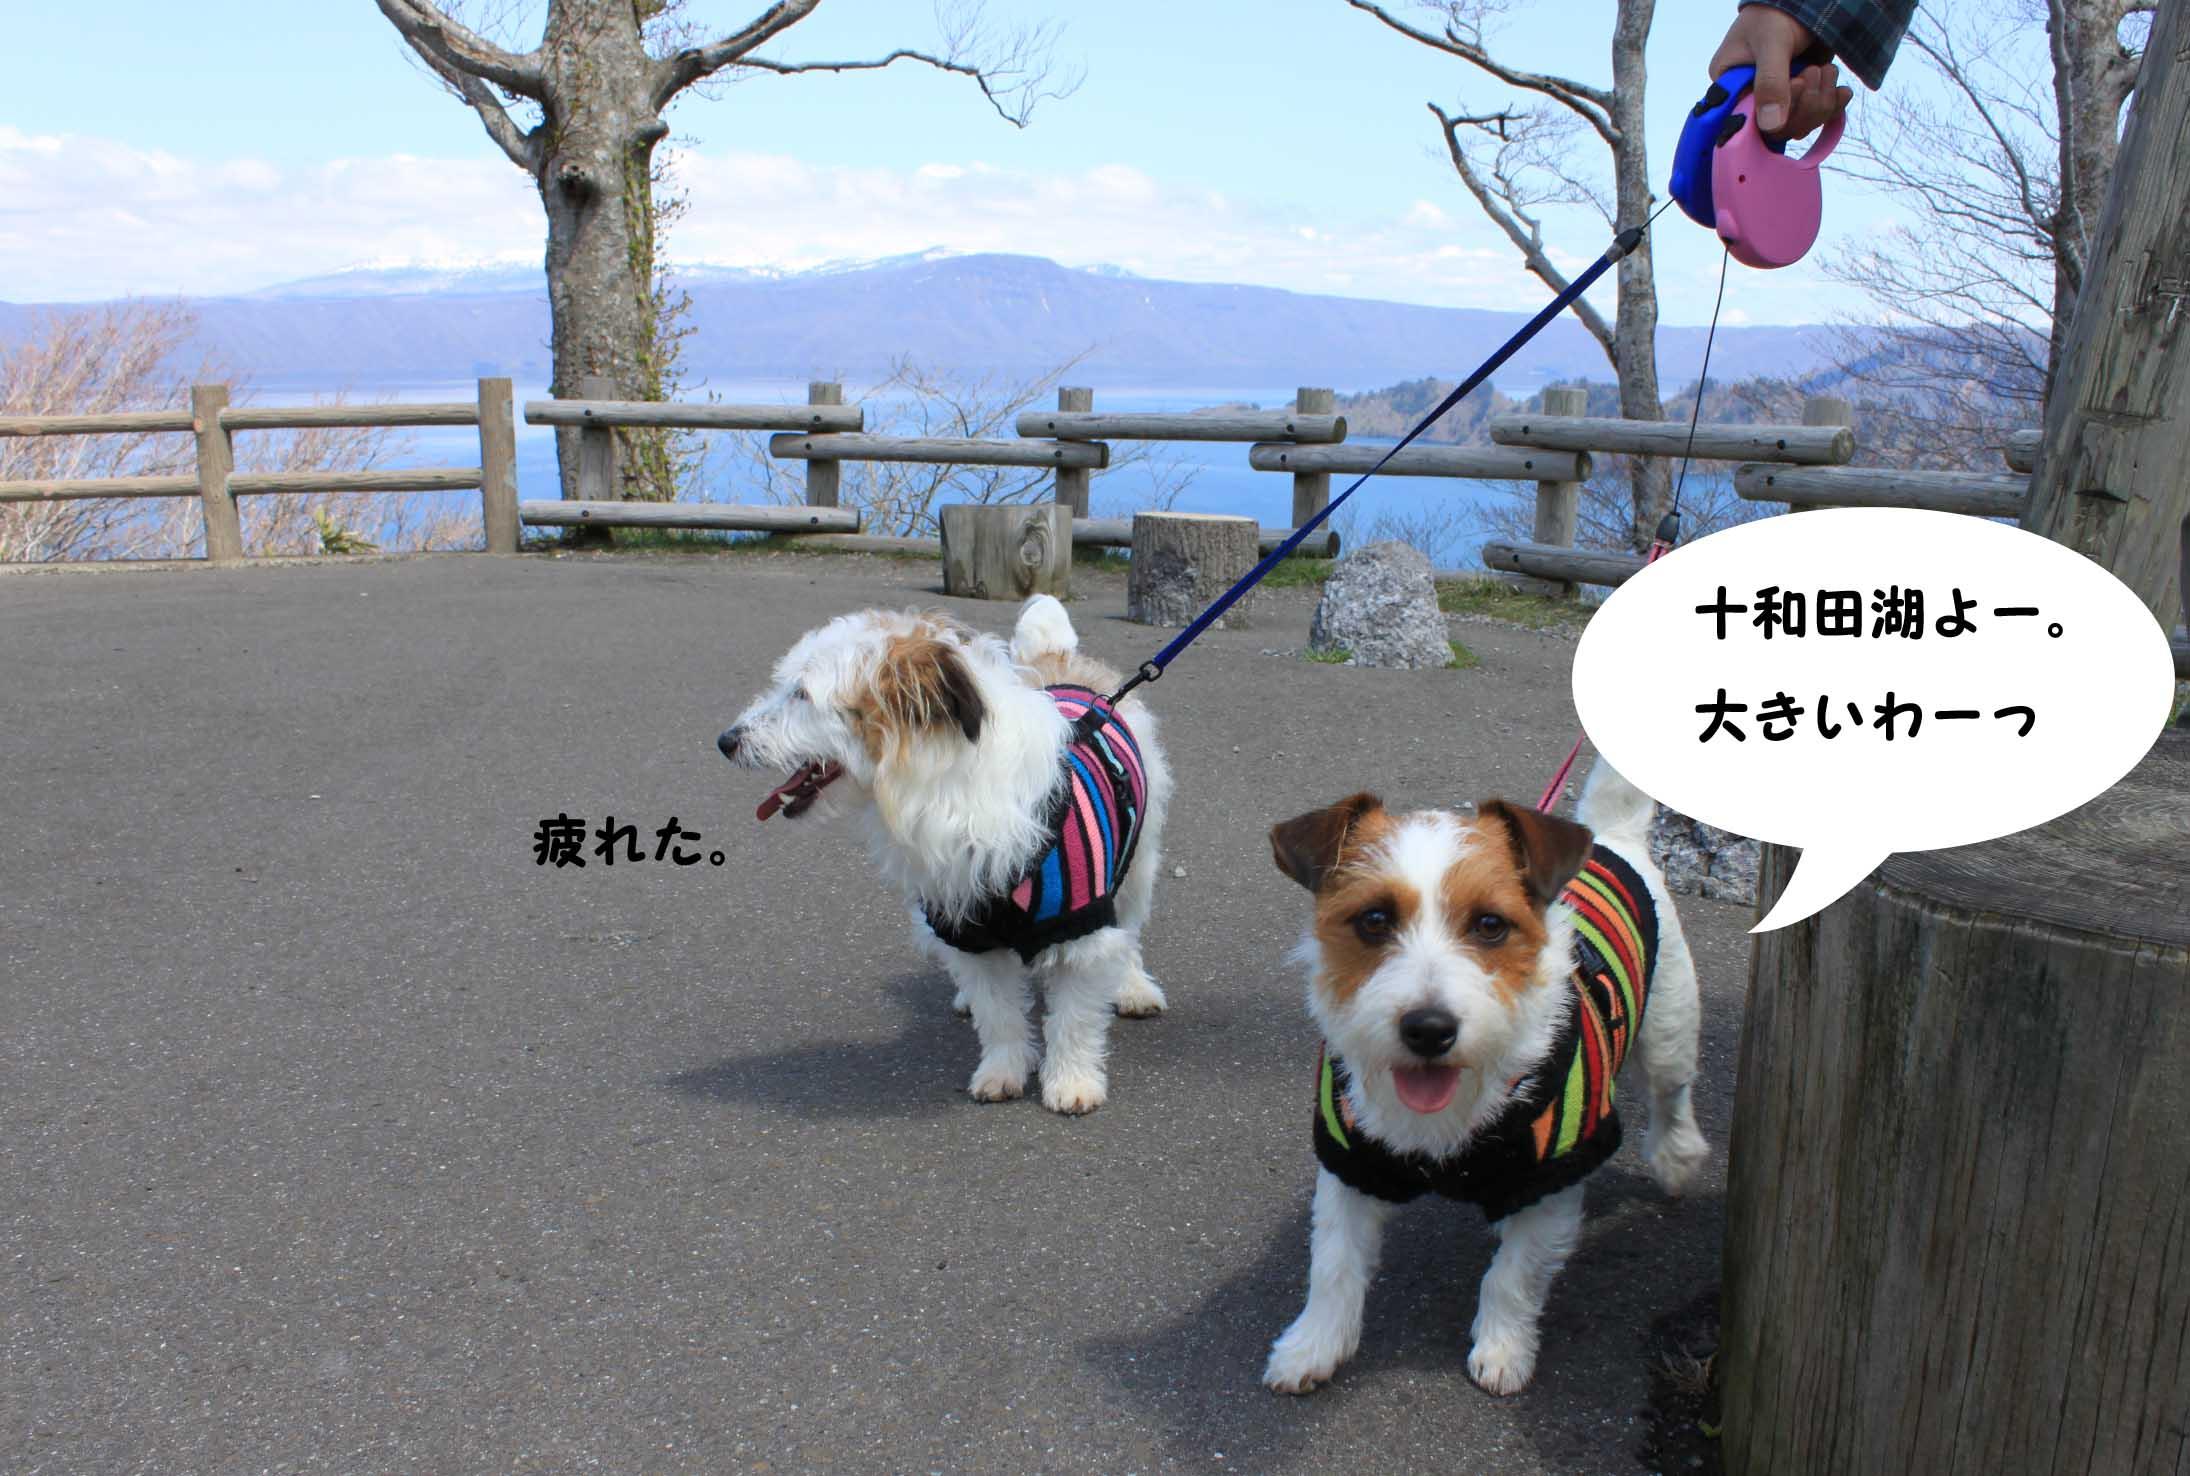 十和田湖よー